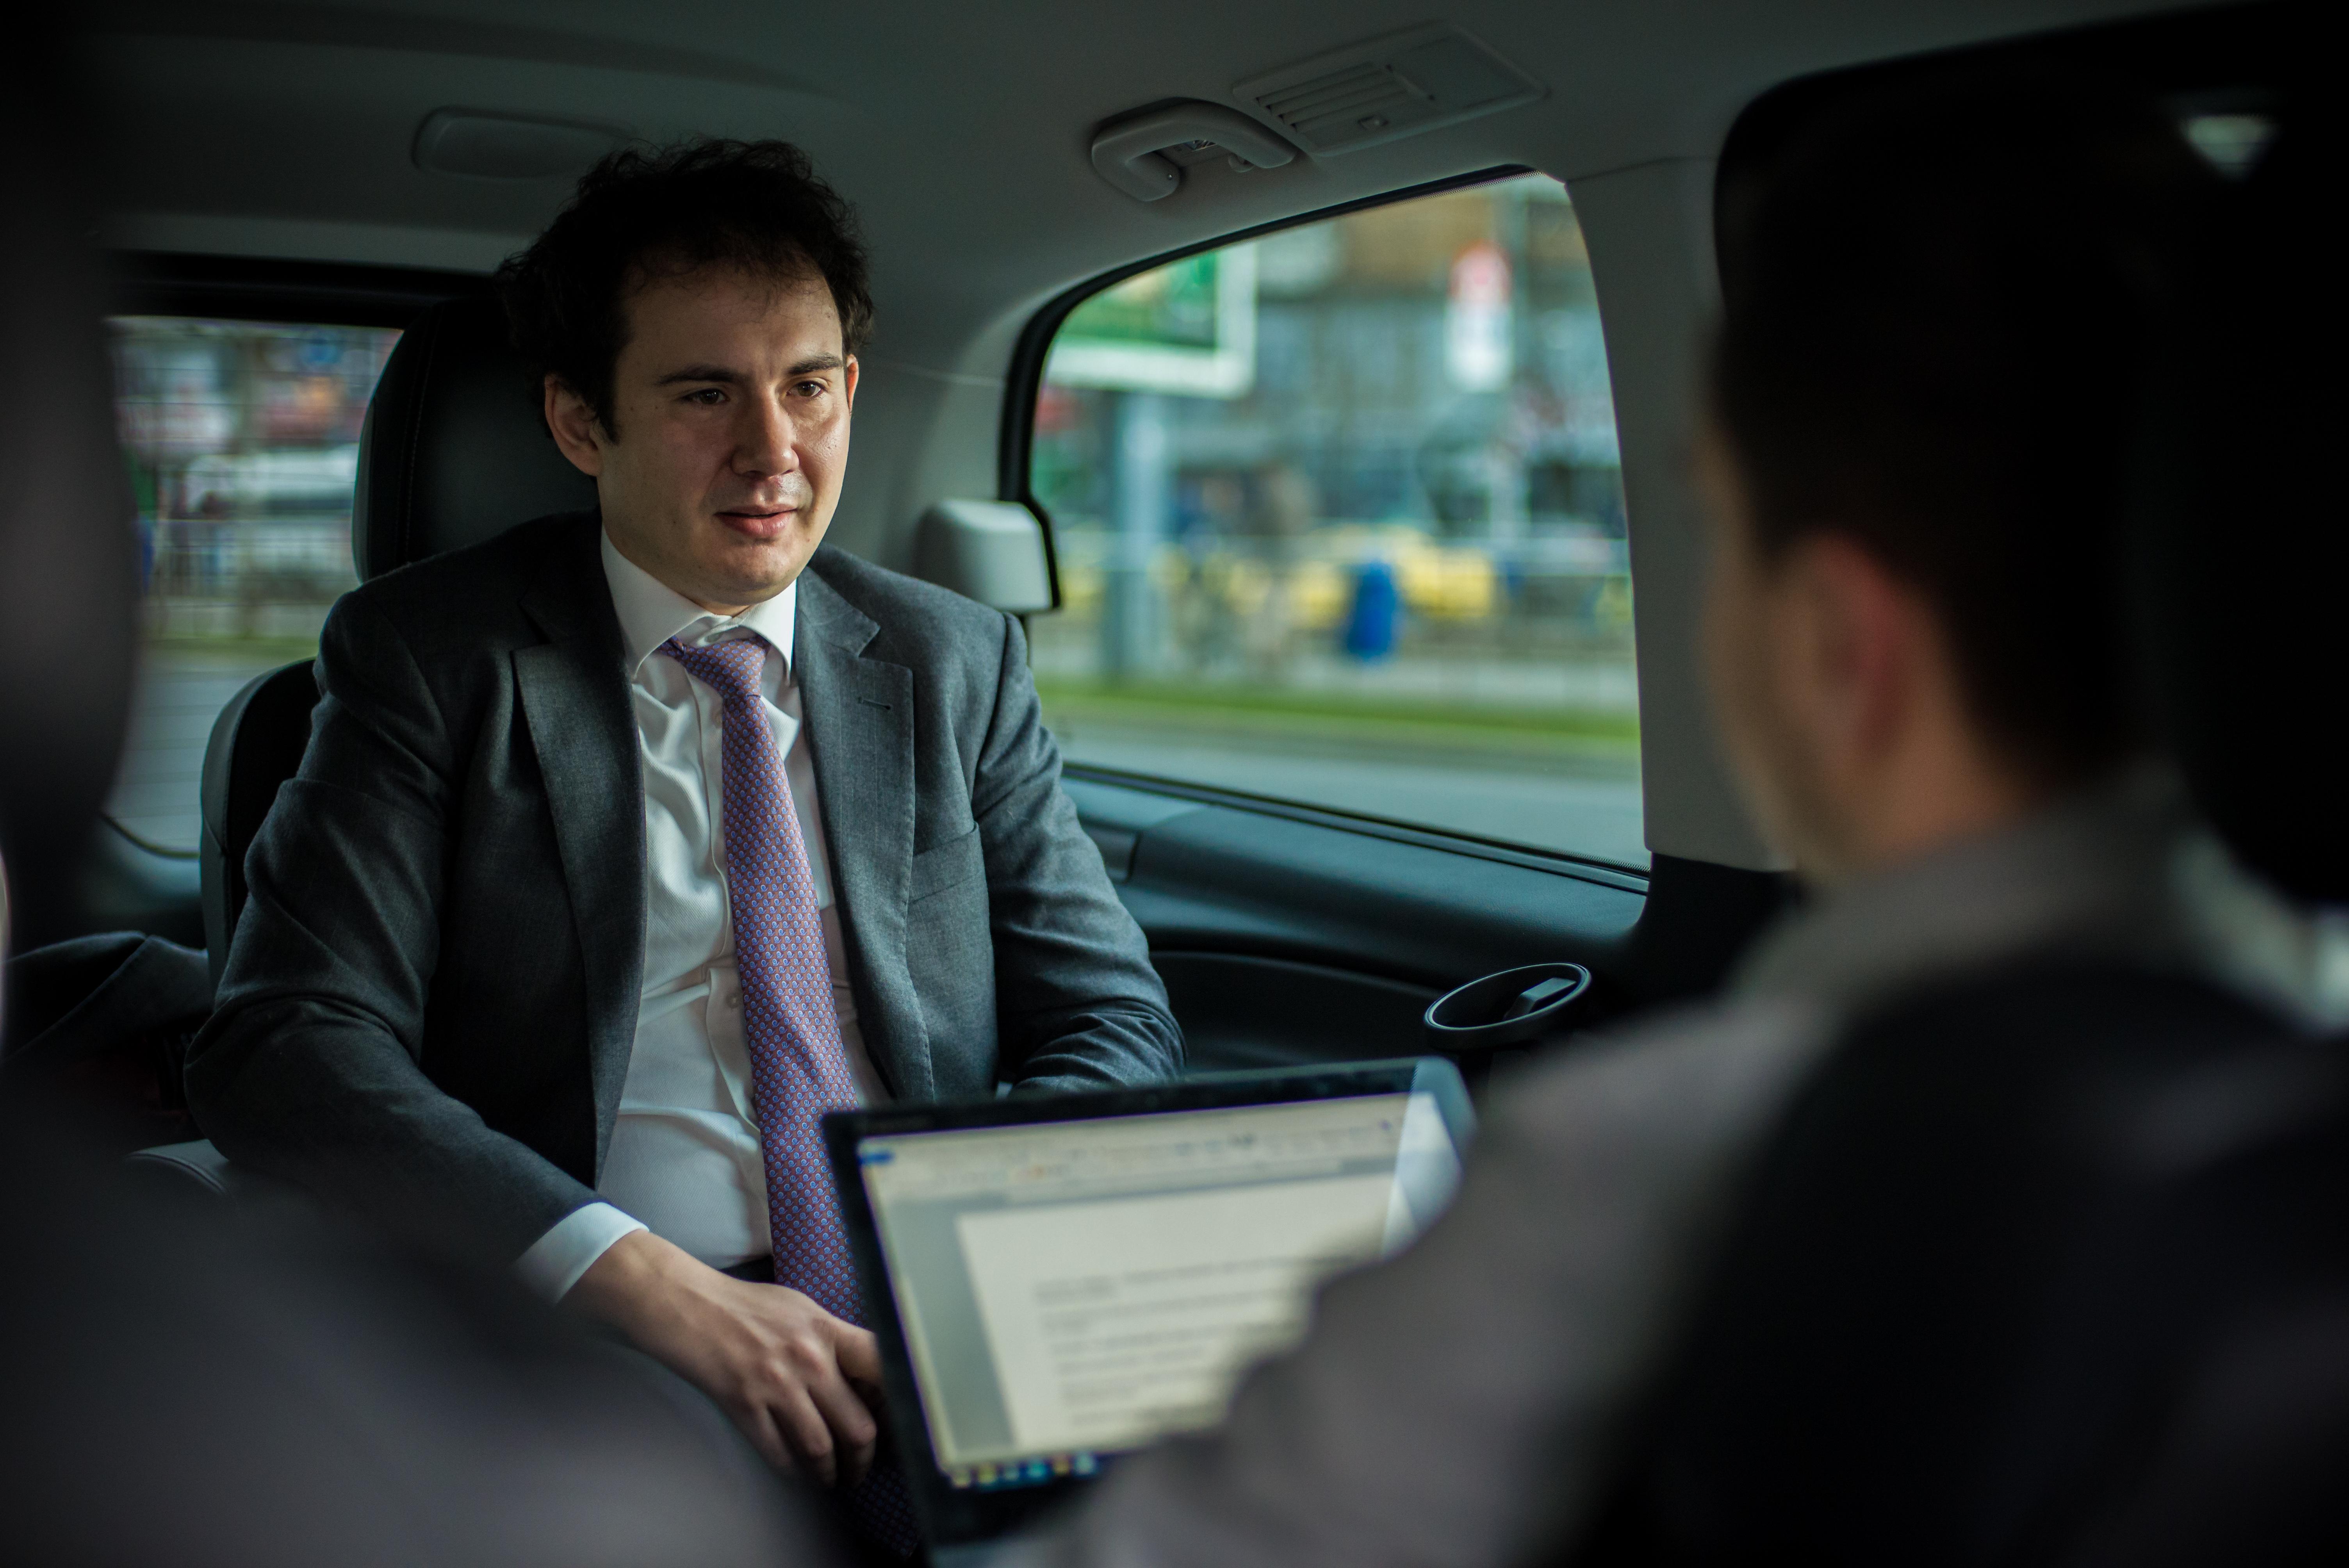 Real-Estate - Interviu mobil cu Andrei Pogonaru: Astept sa vad primele proiecte de birouri fara parcare sau cu locuri limitate. Va fi ceva cu adevarat revolutionar!